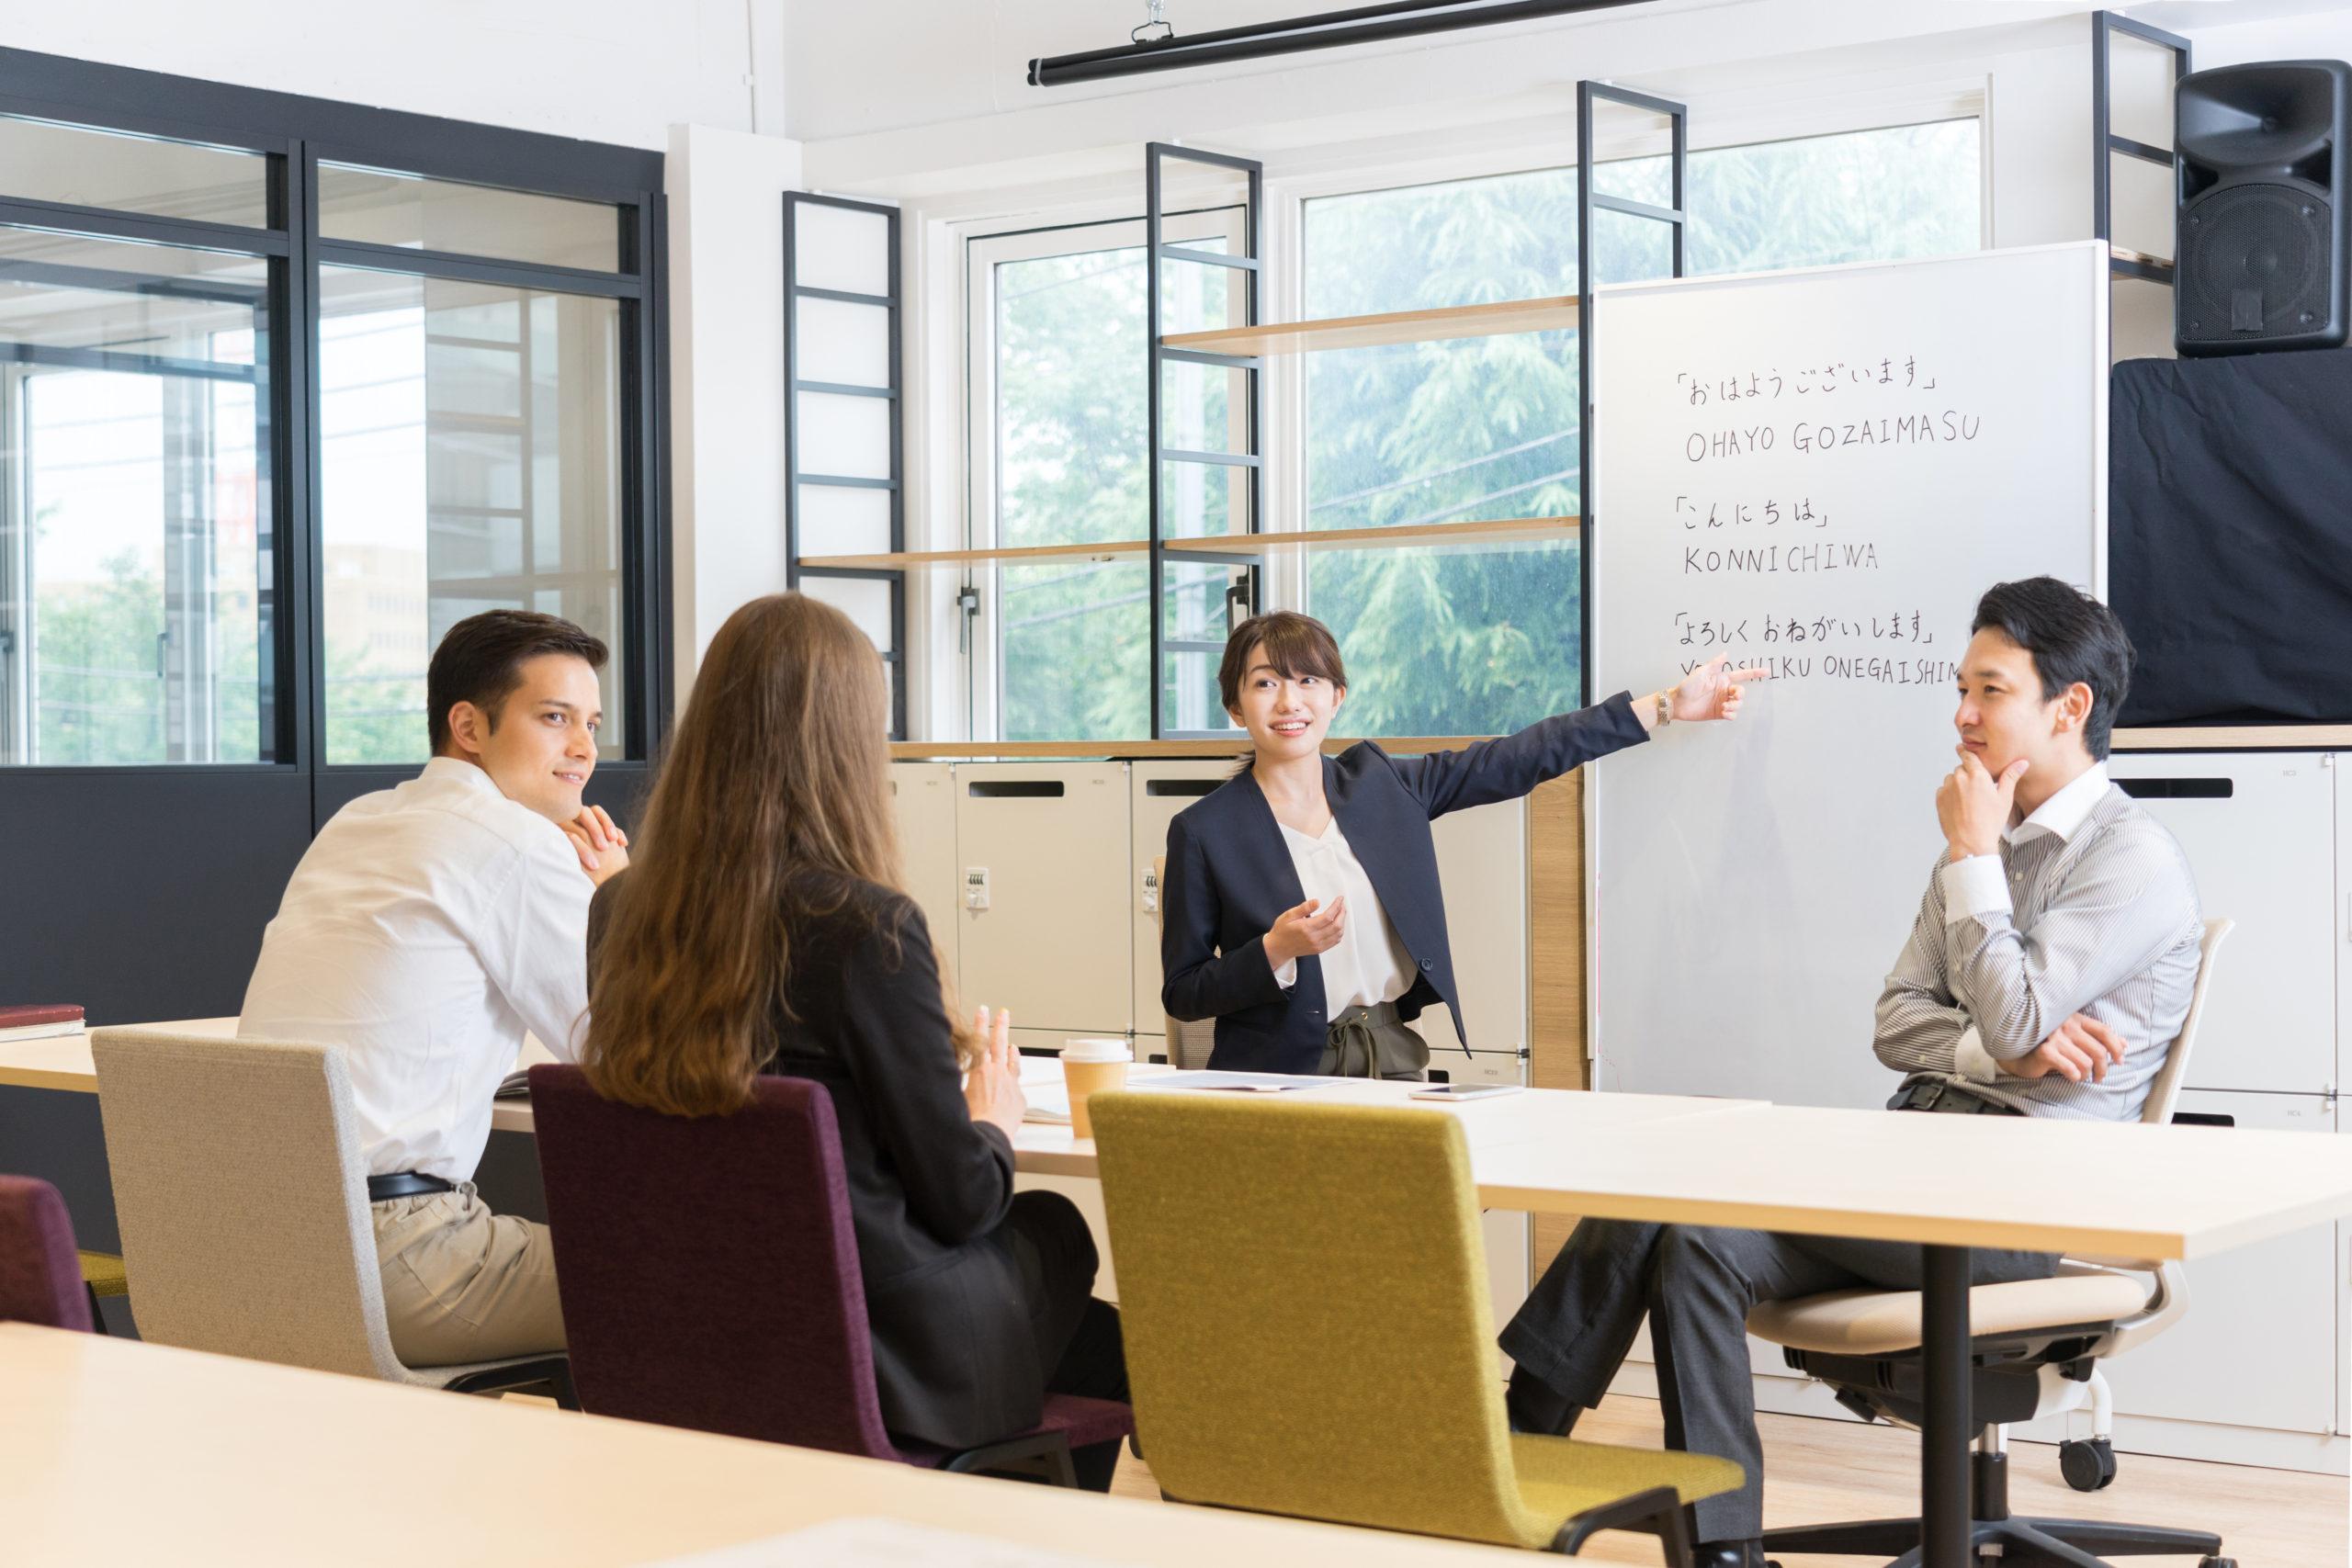 担当日本語教師 社会経験と日本語教師経験の双方を豊富にもつ専門のトレーニングを受けた日本語教師が対応します。初級レベルでは外国人講師も選択できます